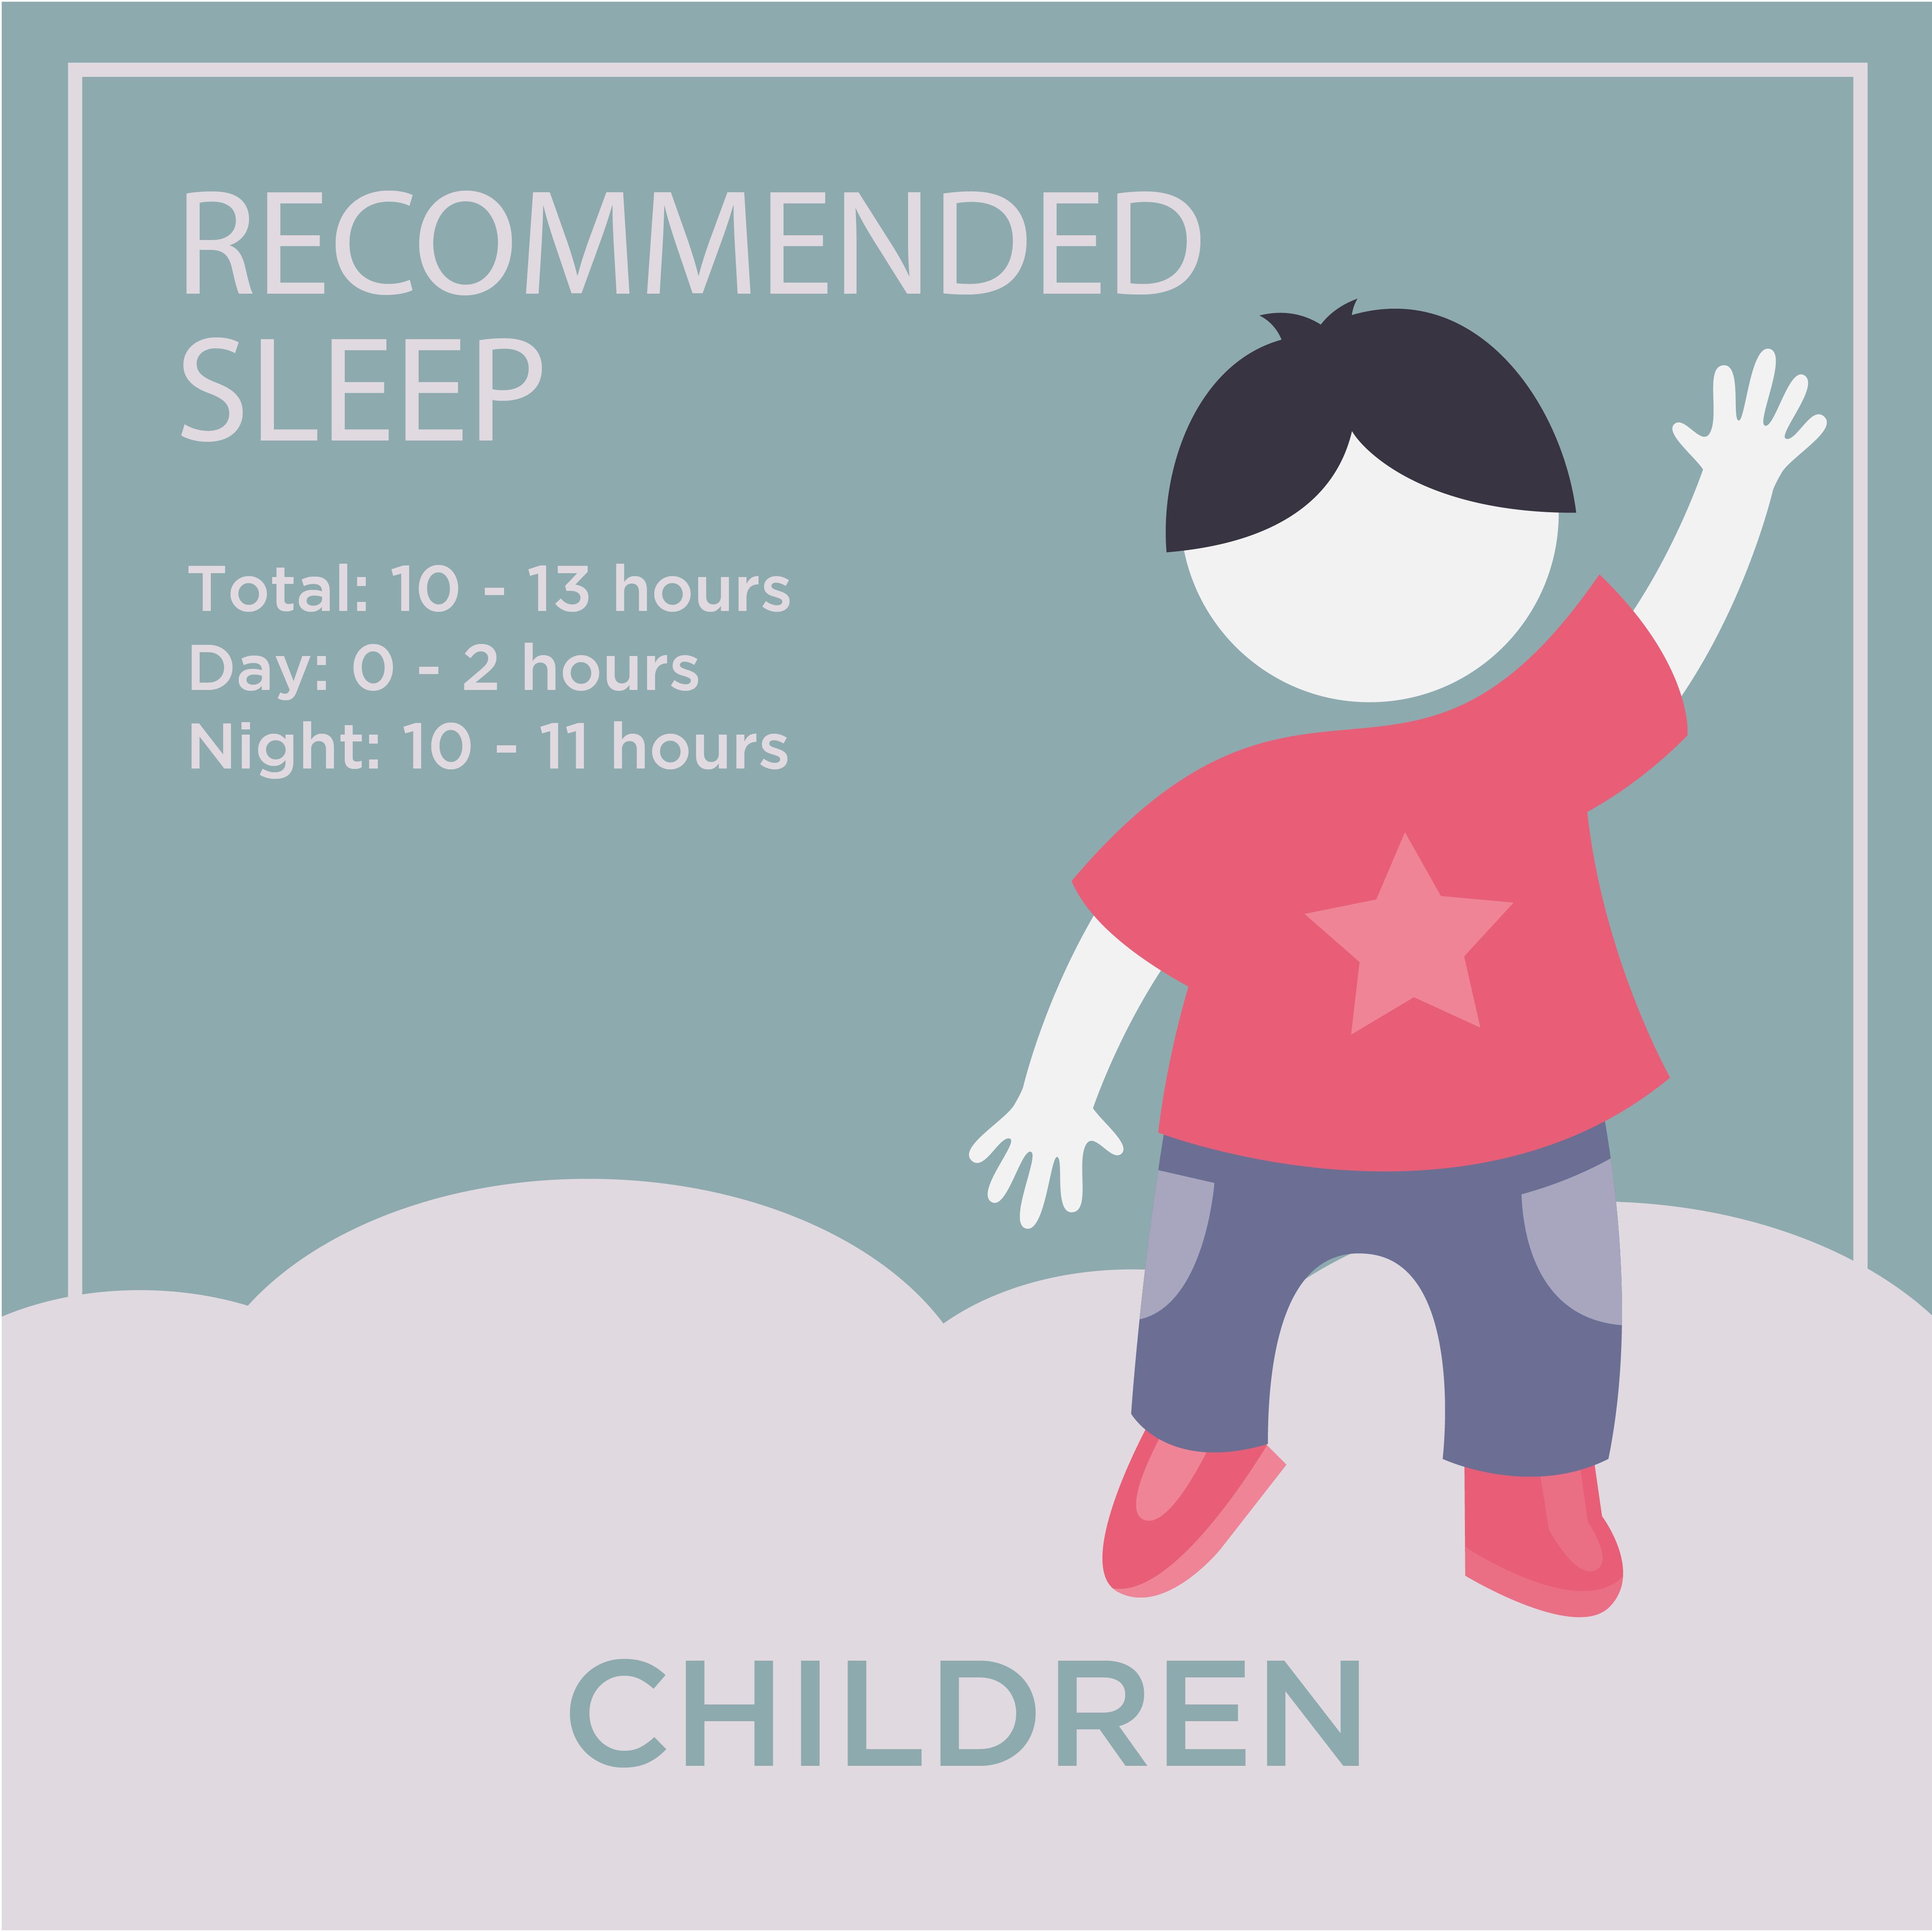 preschooler still need to nap